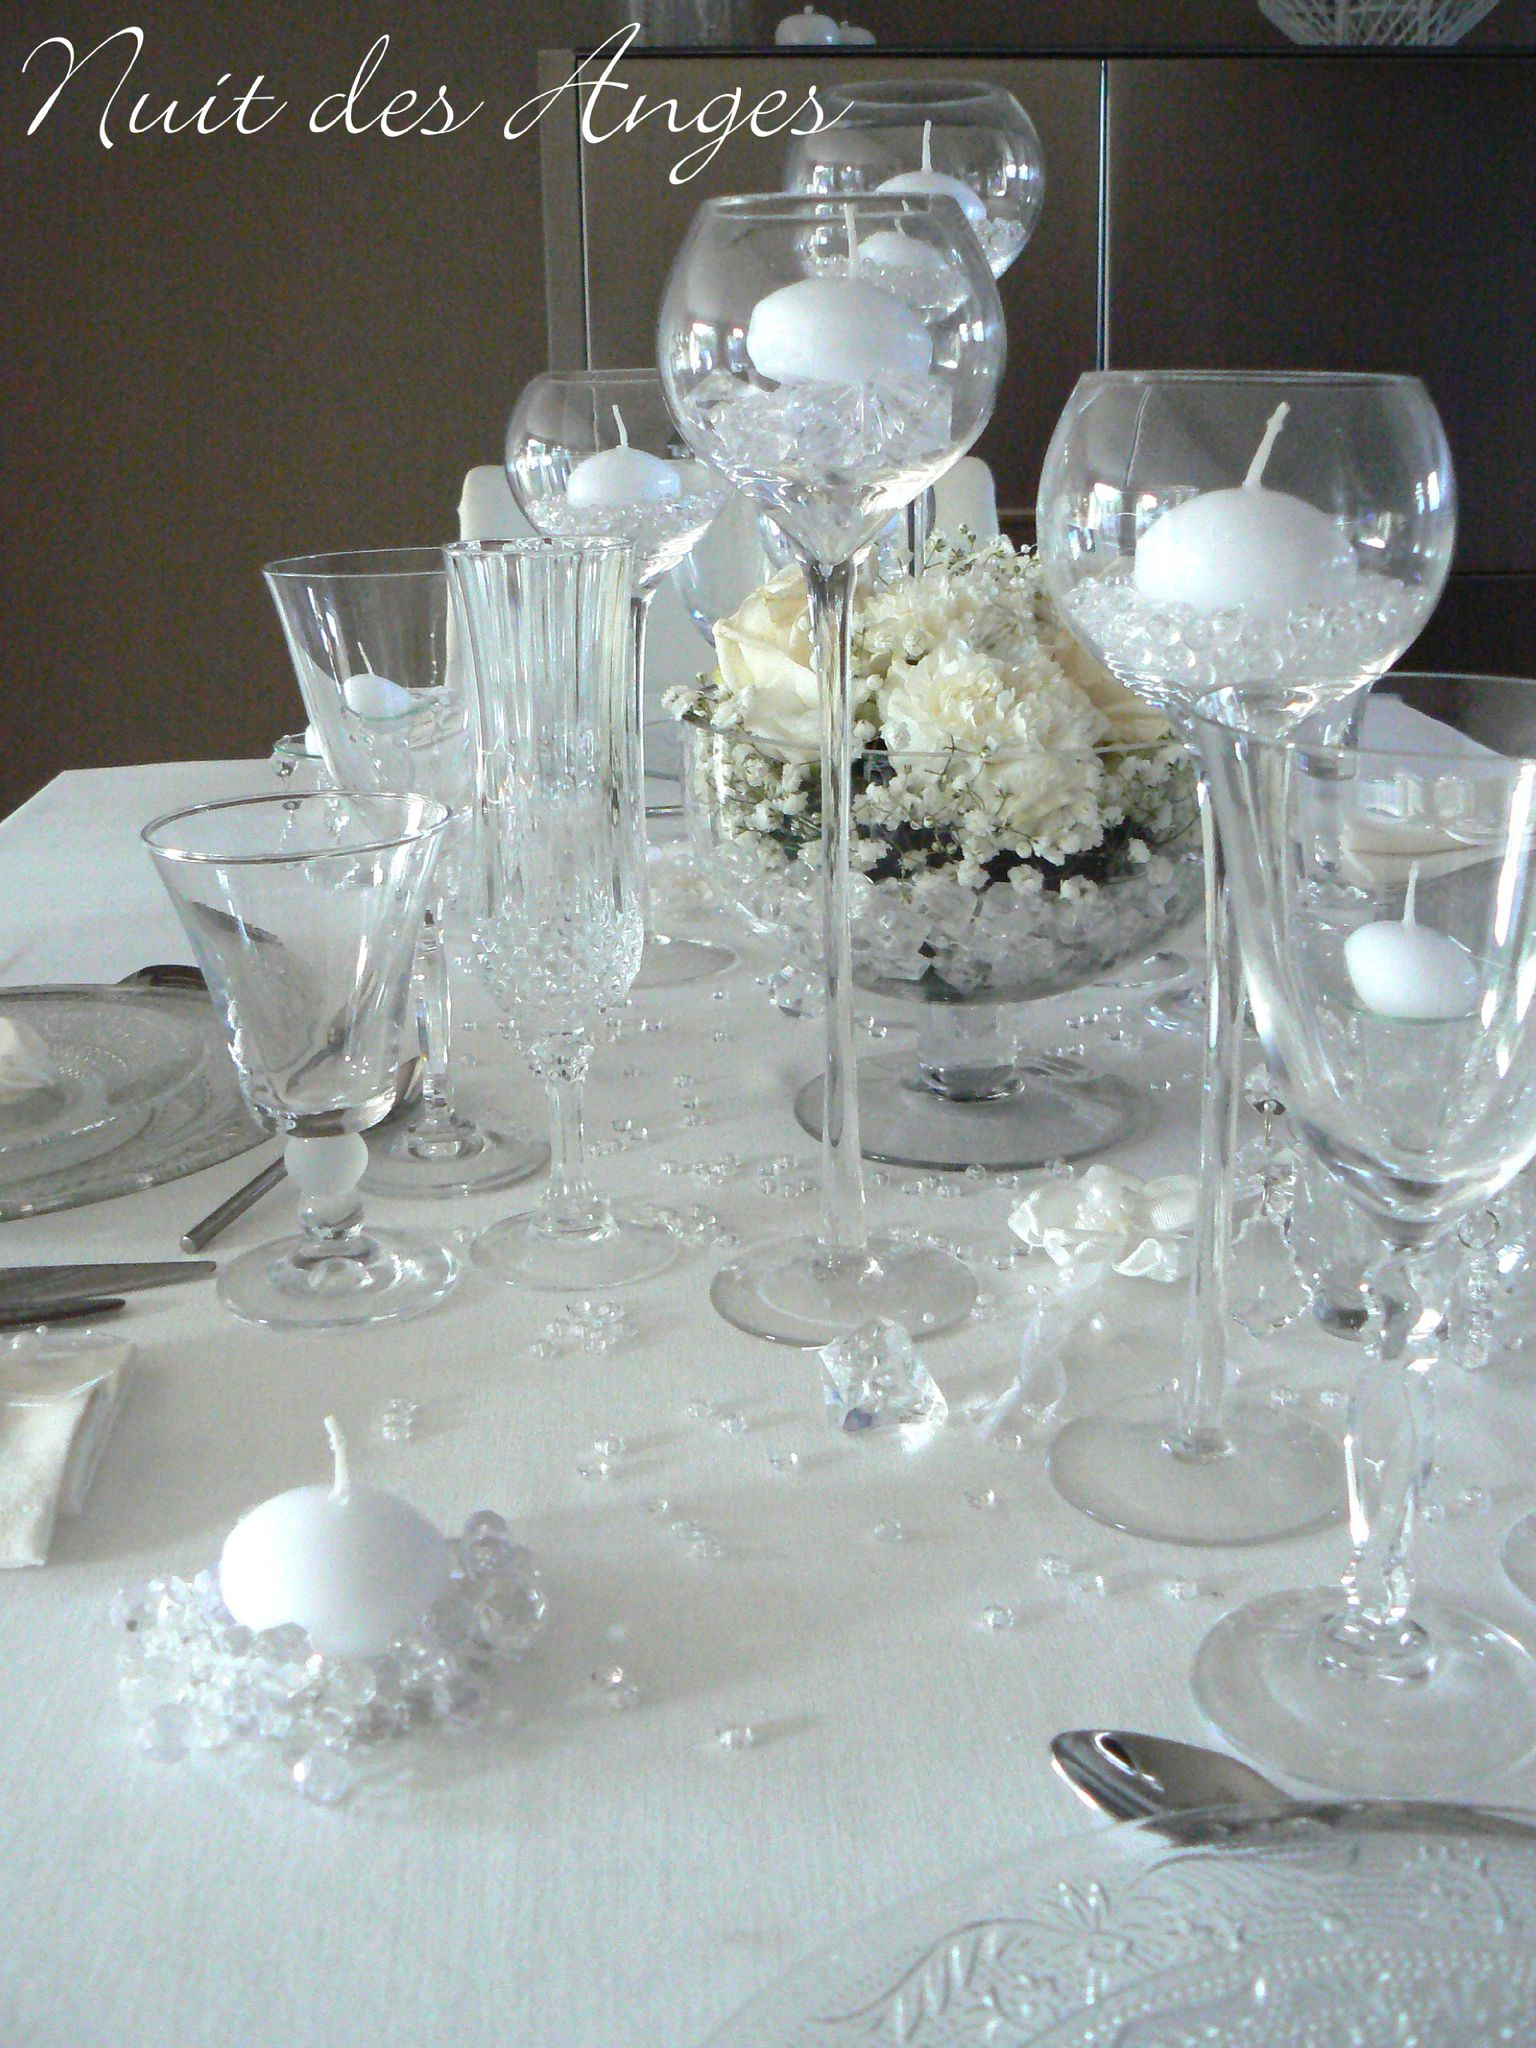 Nuit des anges décoratrice de mariage décoration de table blanc pur ...